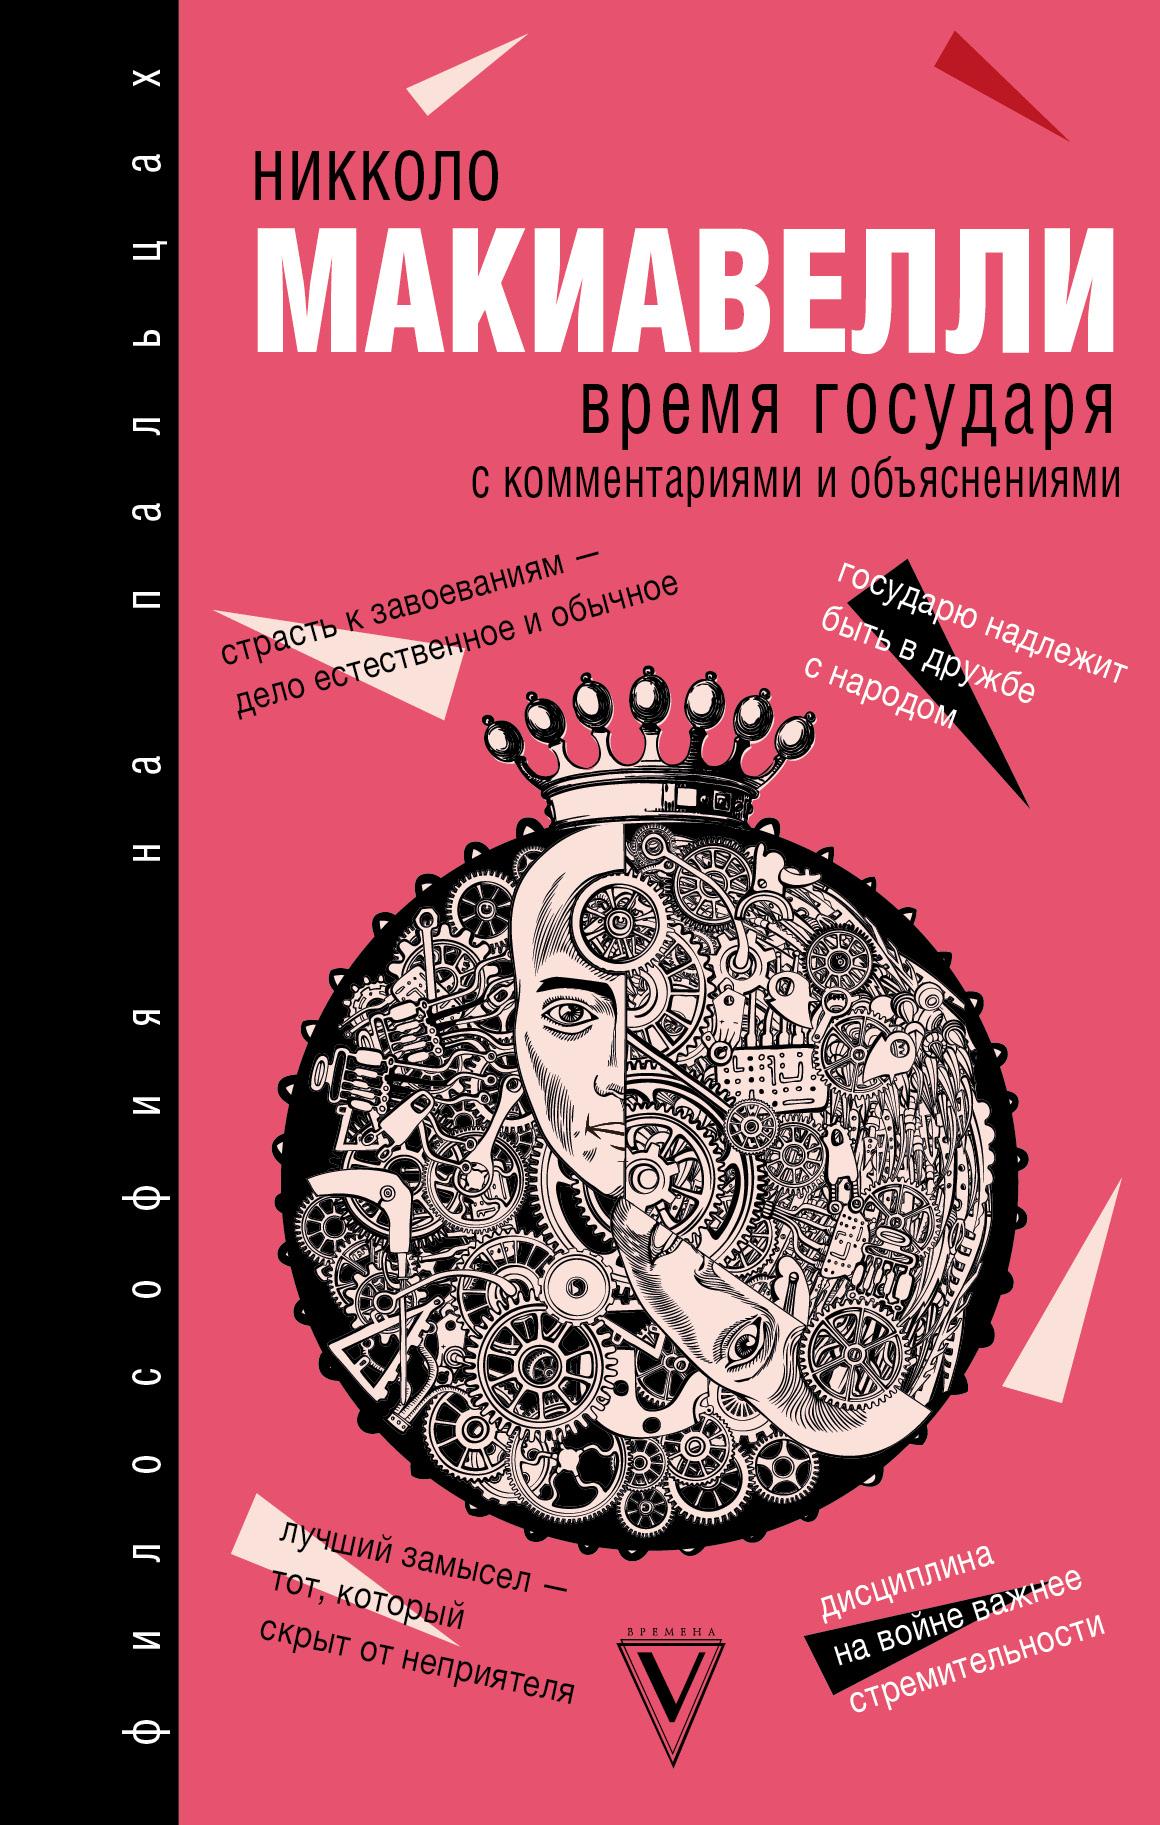 Купить книгу Время государя: скомментариями и объяснениями, автора Никколо Макиавелли